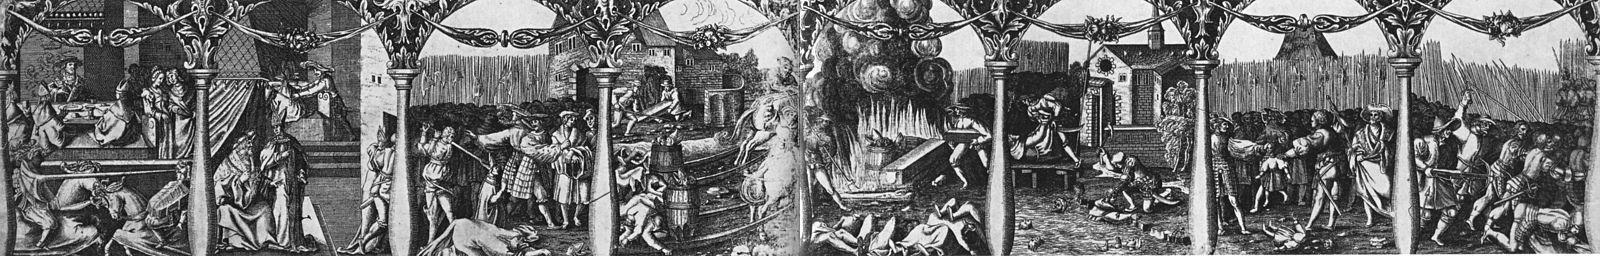 Længst til venstre illustreres den forræderiske kongebanket (scene 1) og hvordan dåden planlægges af Kristian II og ærkebispen Gustav Trolle (scene 2).   Så følger blodbadet på Stortorget i Stockholm (scene 3) og hvordan Sten Sture den yngres kiste tages ud af graven og de henrettedes kroppe transporteres ud af byen (scene 4).   På scene 5 visummers hvordan lige svies på bål og scene 6 fortæller om den følgende massakre på Nydala klostre.   Til højre synes hvordan to unge ædlinger, drengene Ribbing, henrettes med sværd (scene 7) og endeligt hvordan Gustav Vasa med sine Dalarna-mænd uddriver danskerne ud af landet.